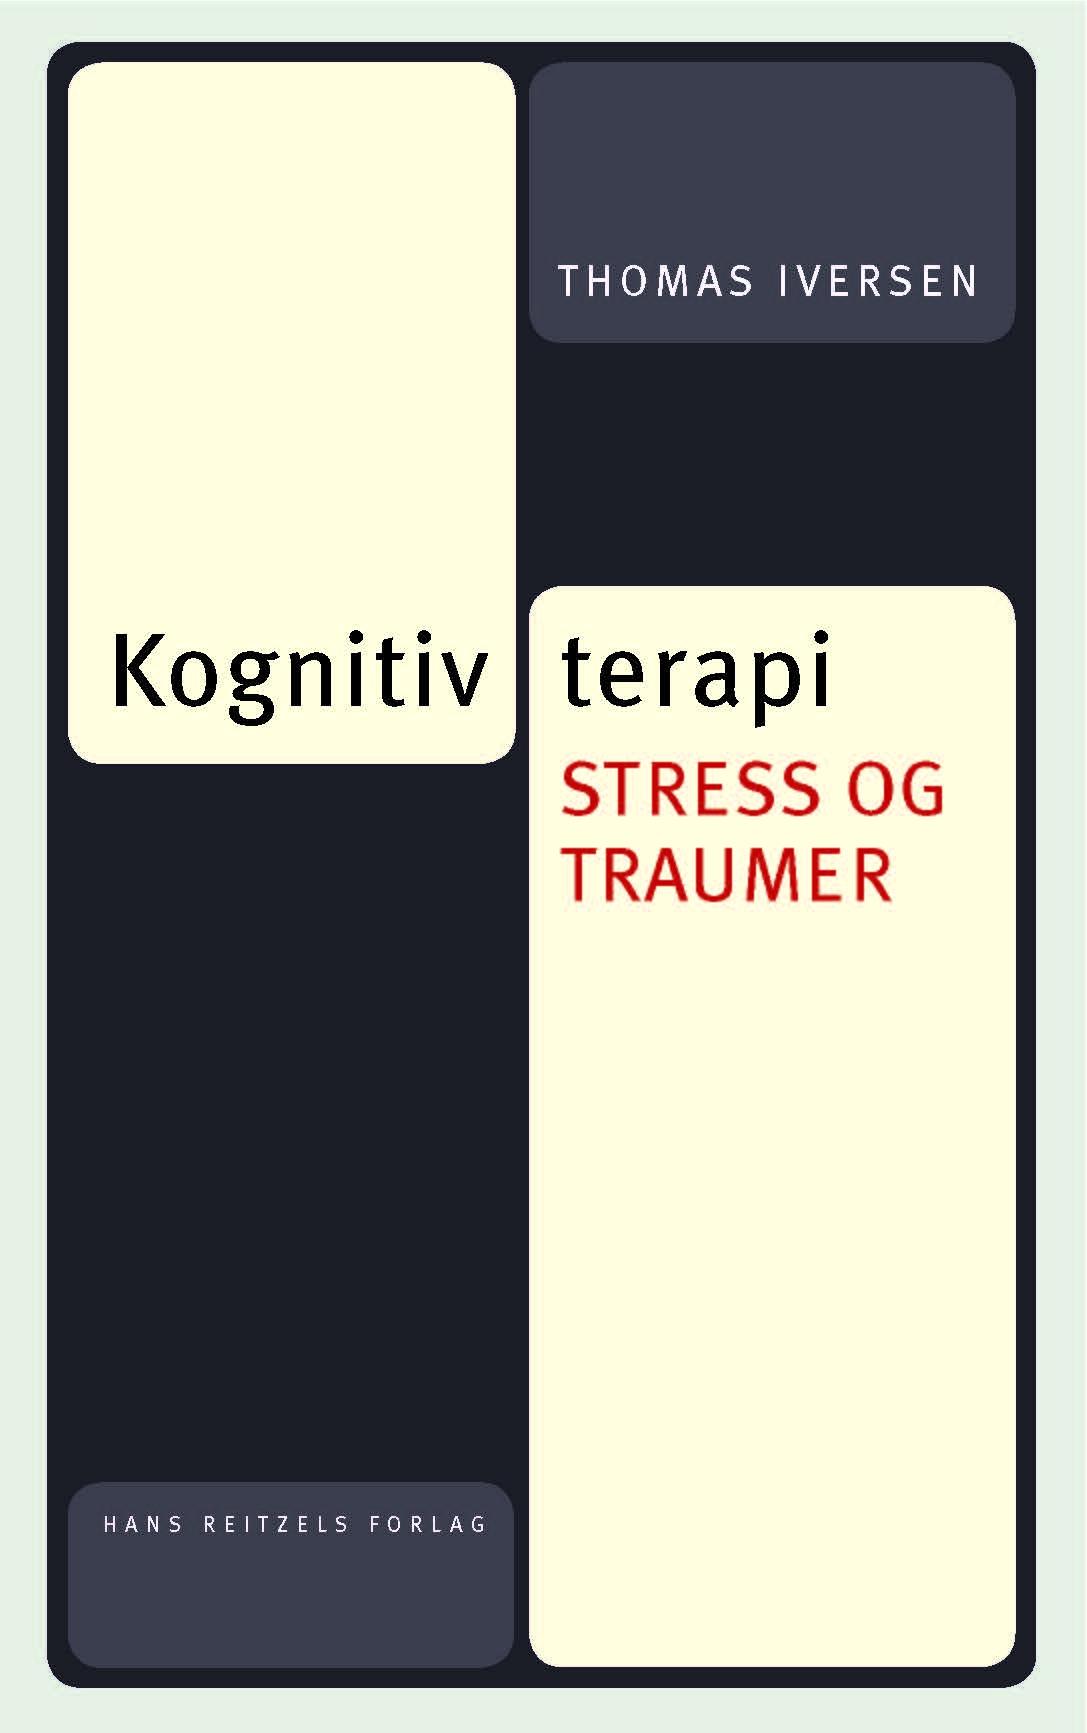 kognitiv terapi nyeste udvikling bogpriser